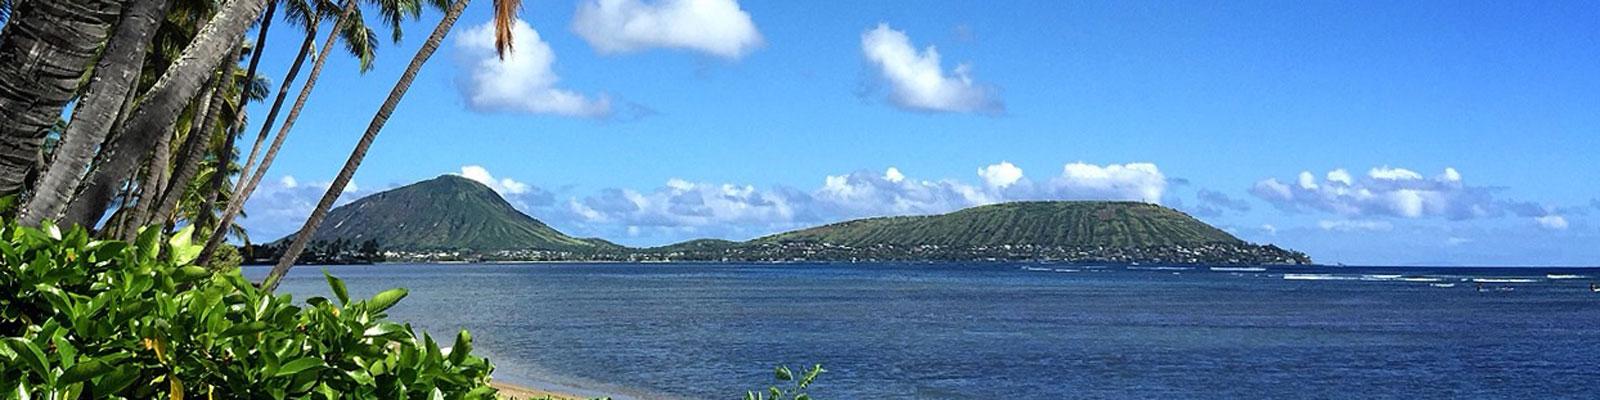 Miyabi Tours Hawaii